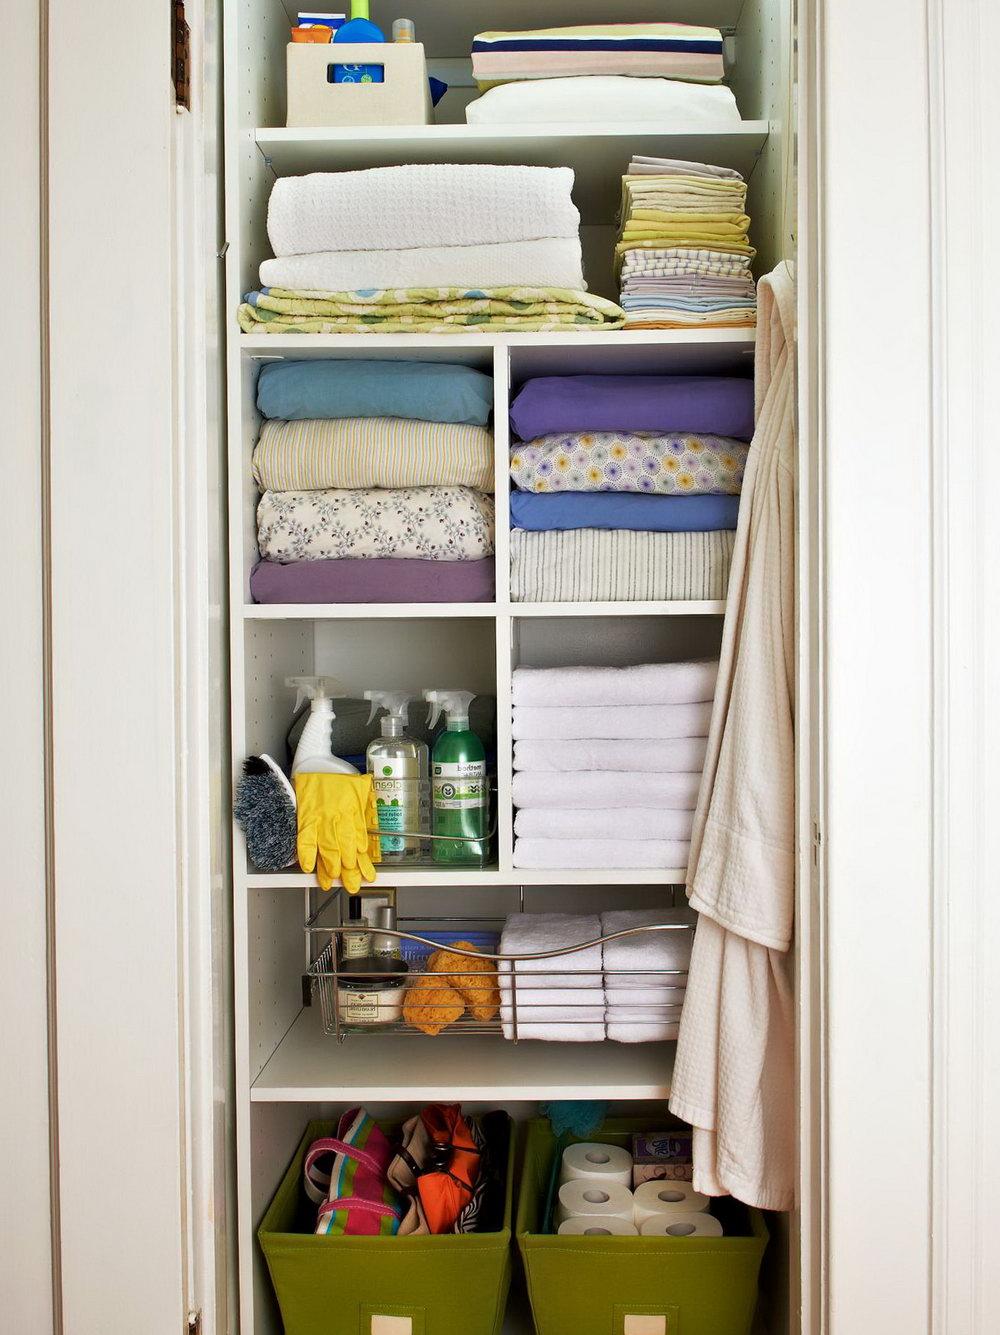 How To Organise Closet Shelves